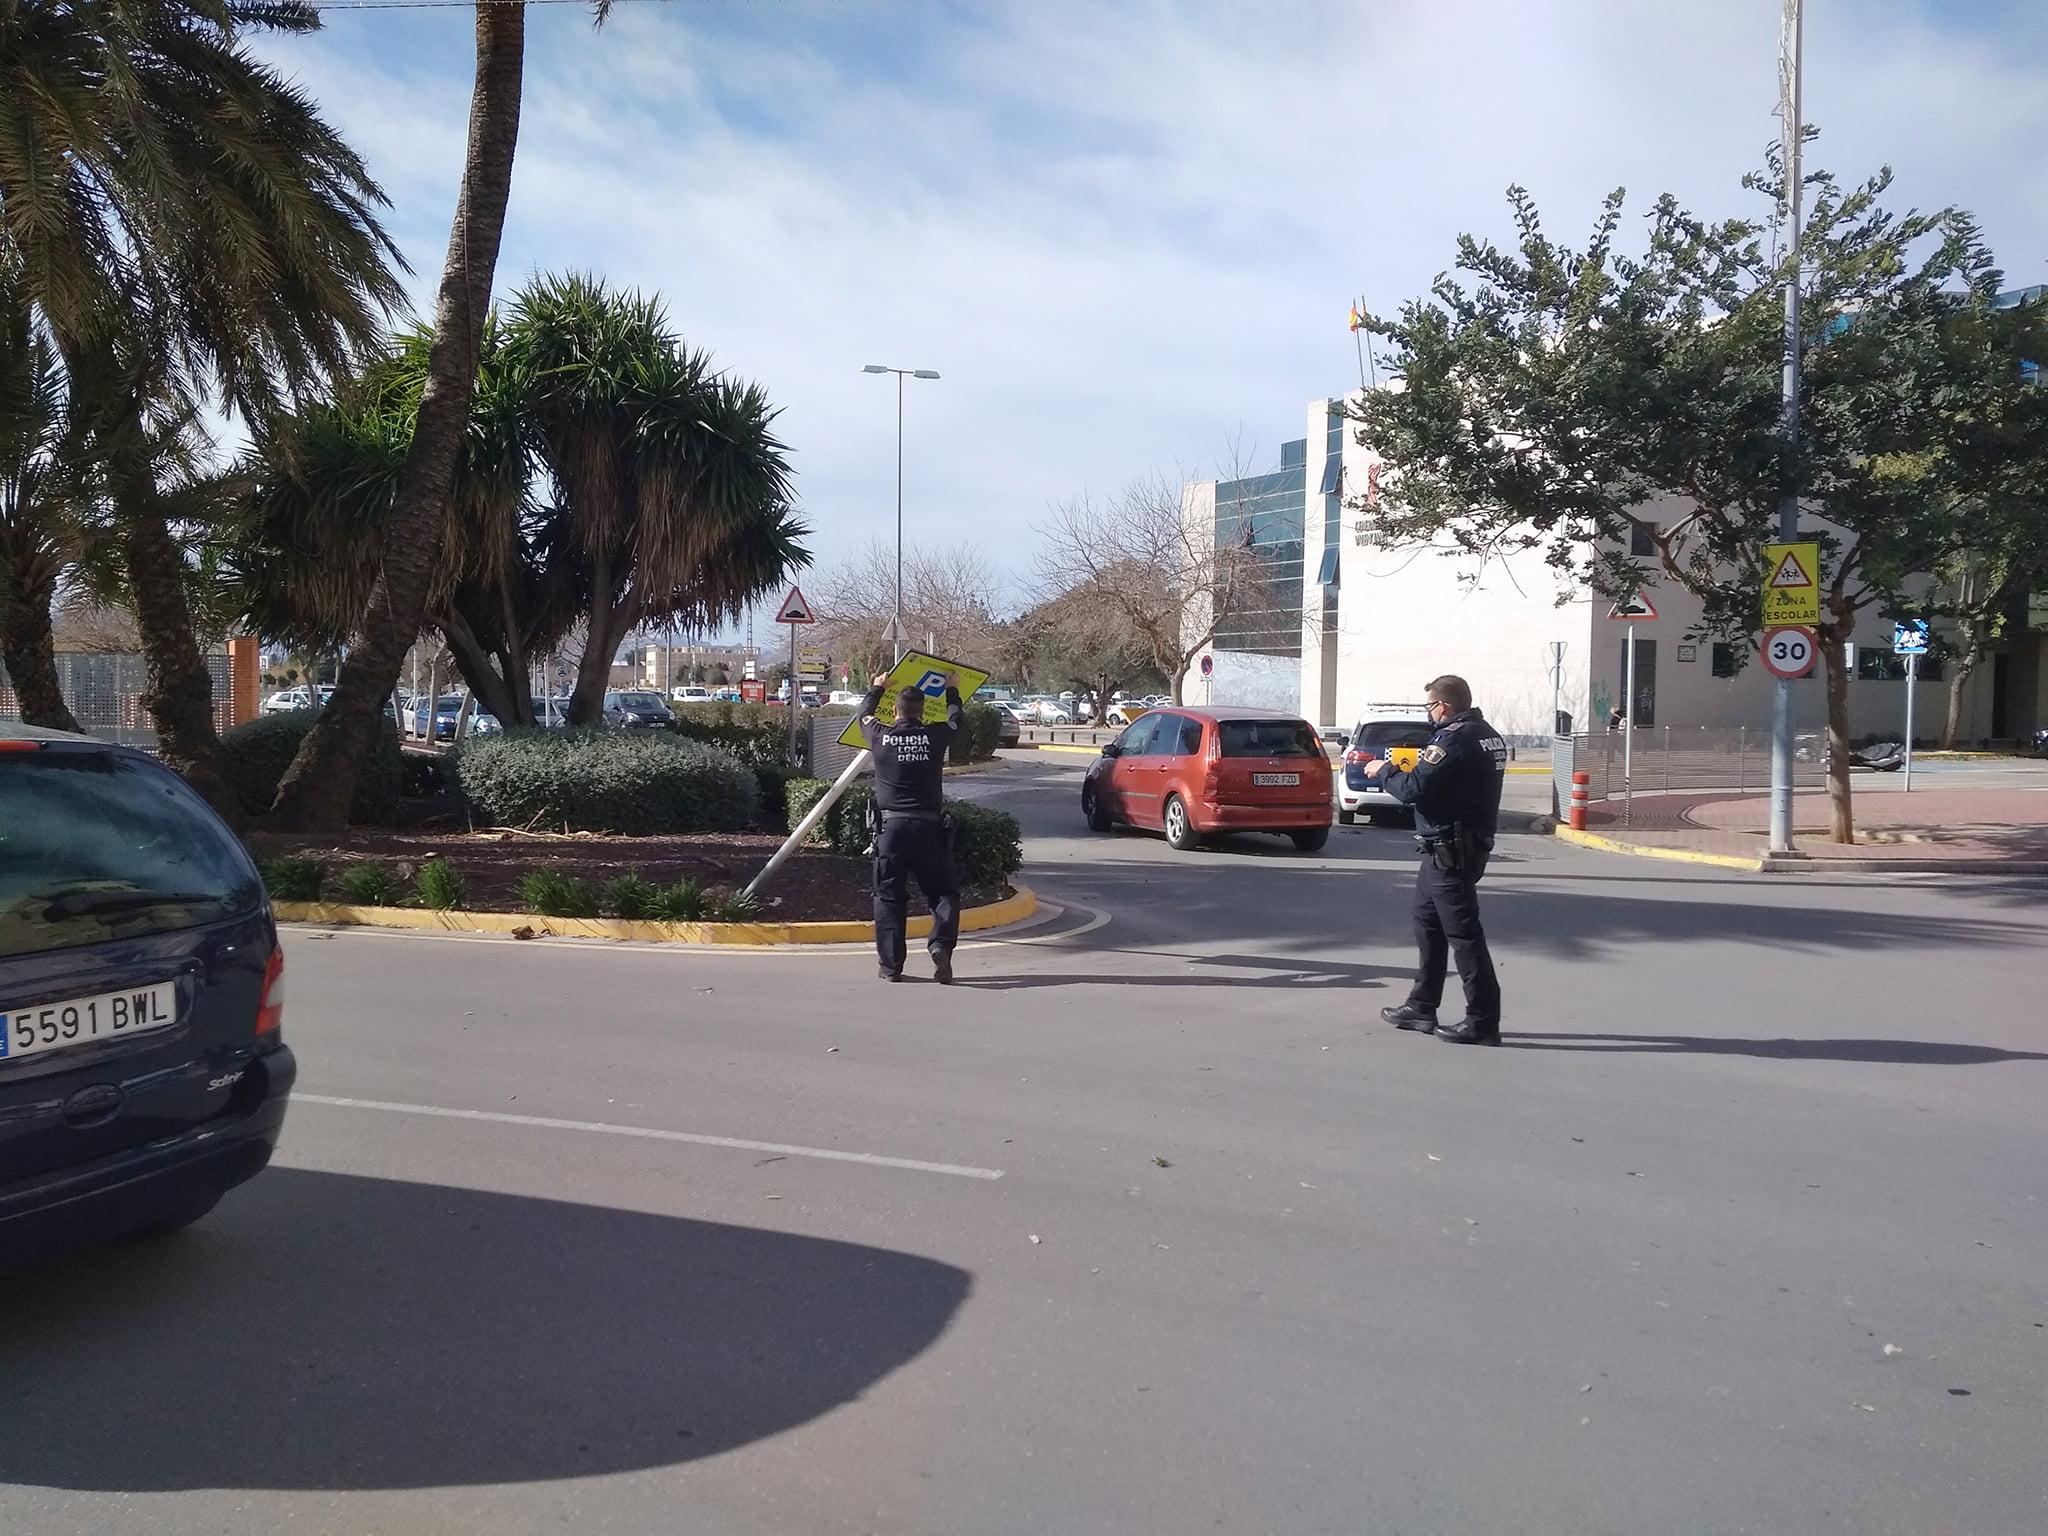 La police locale réparant des affiches tombées